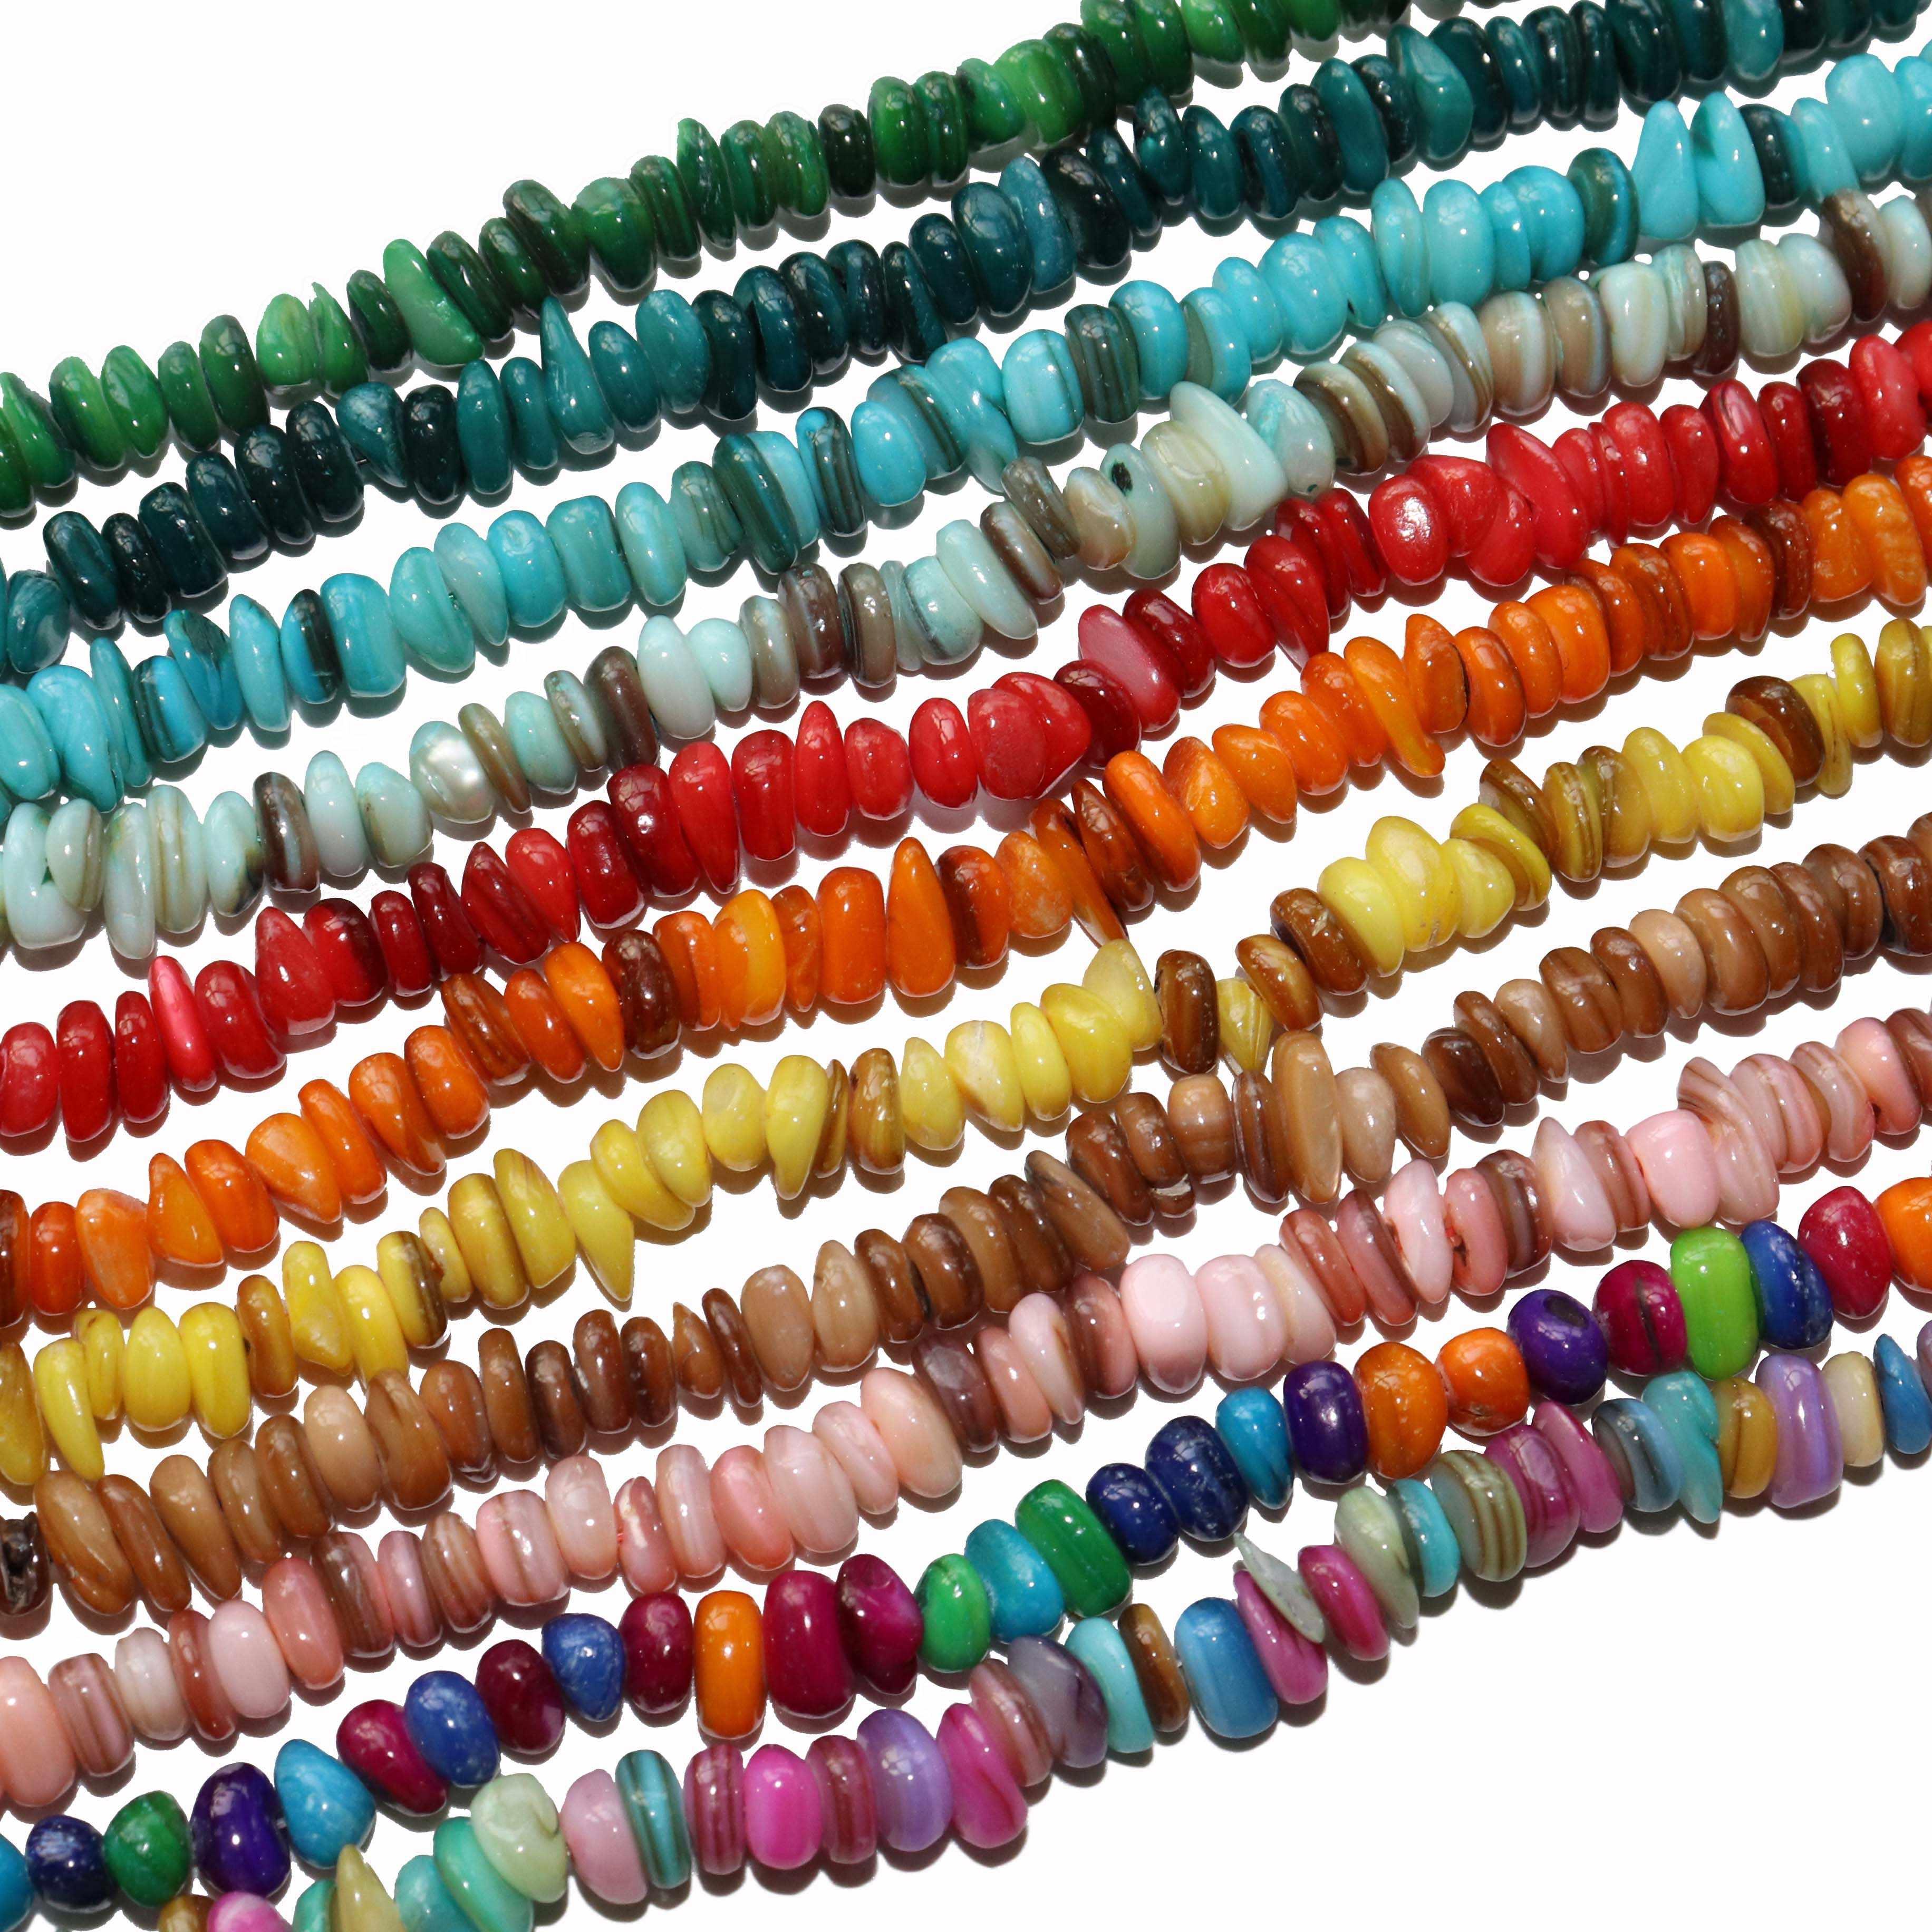 Commercio all'ingrosso Colorato Dye Borsette di Ghiaia Naturale a Forma di 5-8 MM Perline di Pietra Per La Produzione di Gioielli di Fascino DIY Del Braccialetto Della Collana materiale